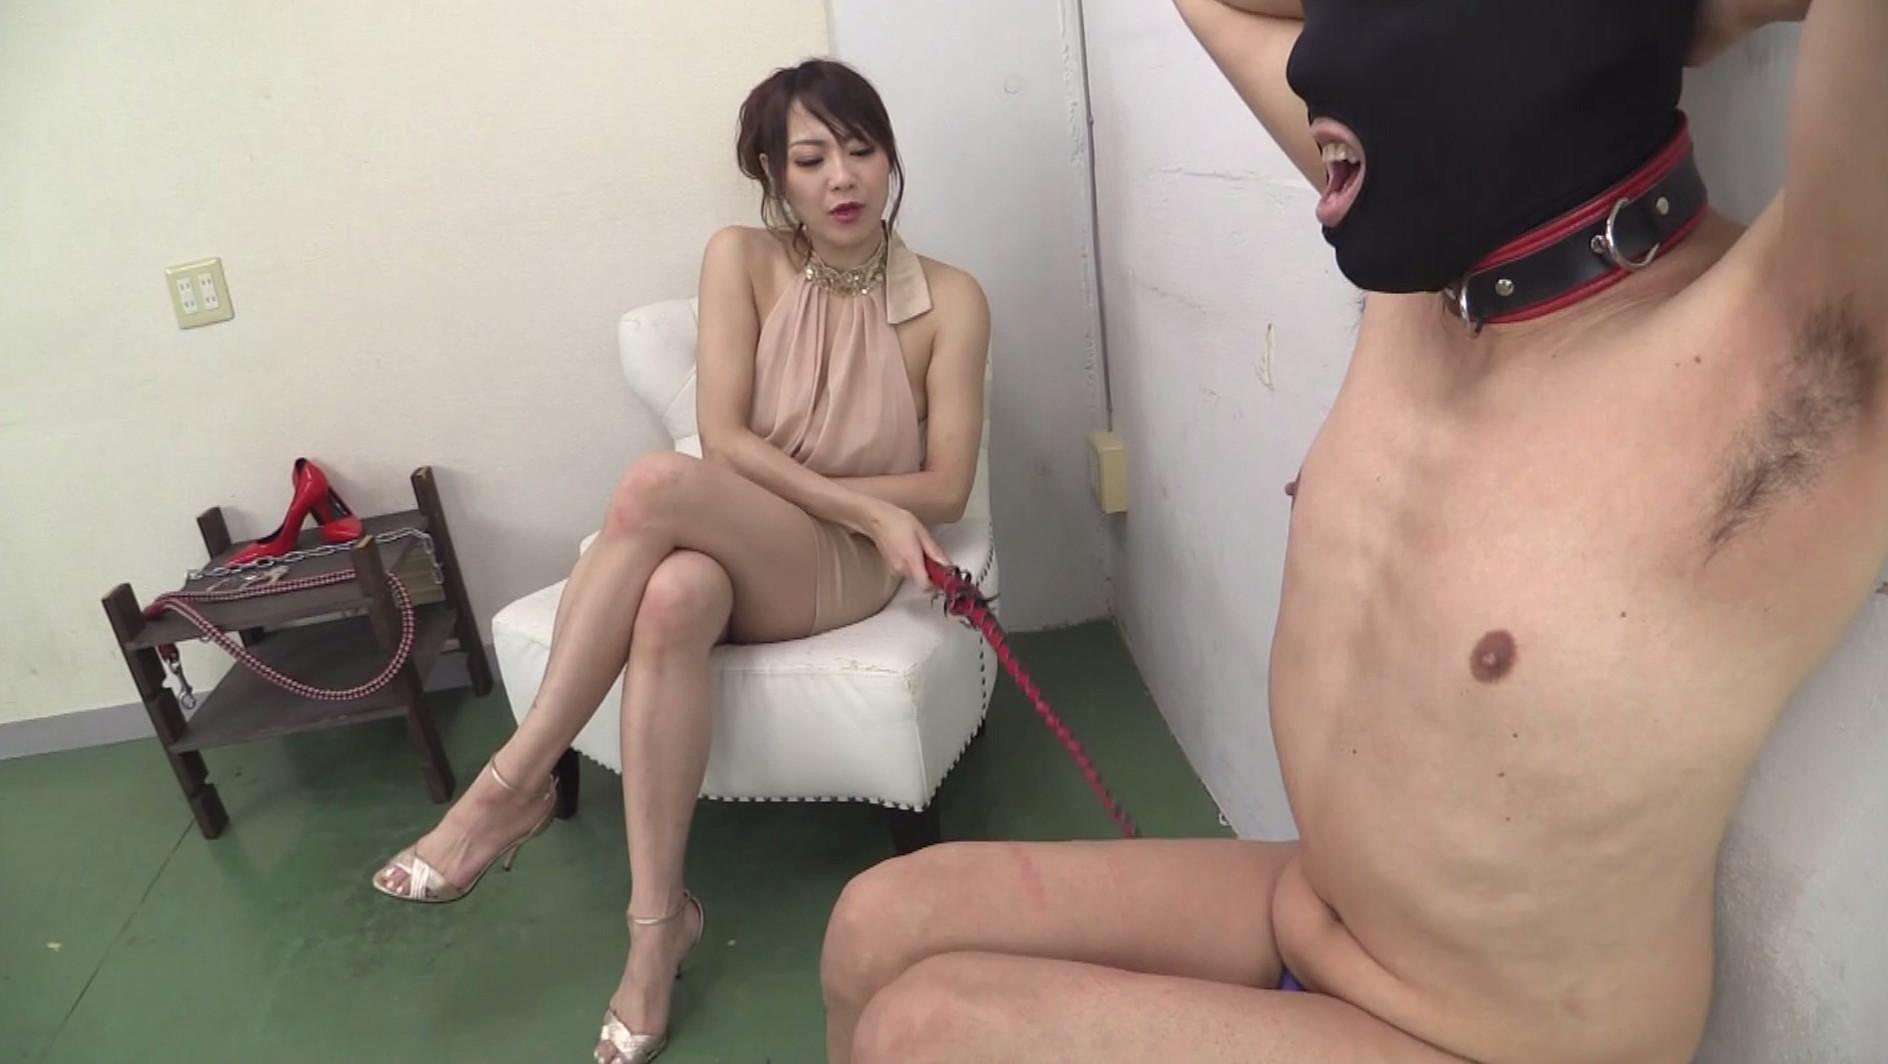 甘い躾 M男の理想的エロス Vol.5 広瀬奈々美 画像1